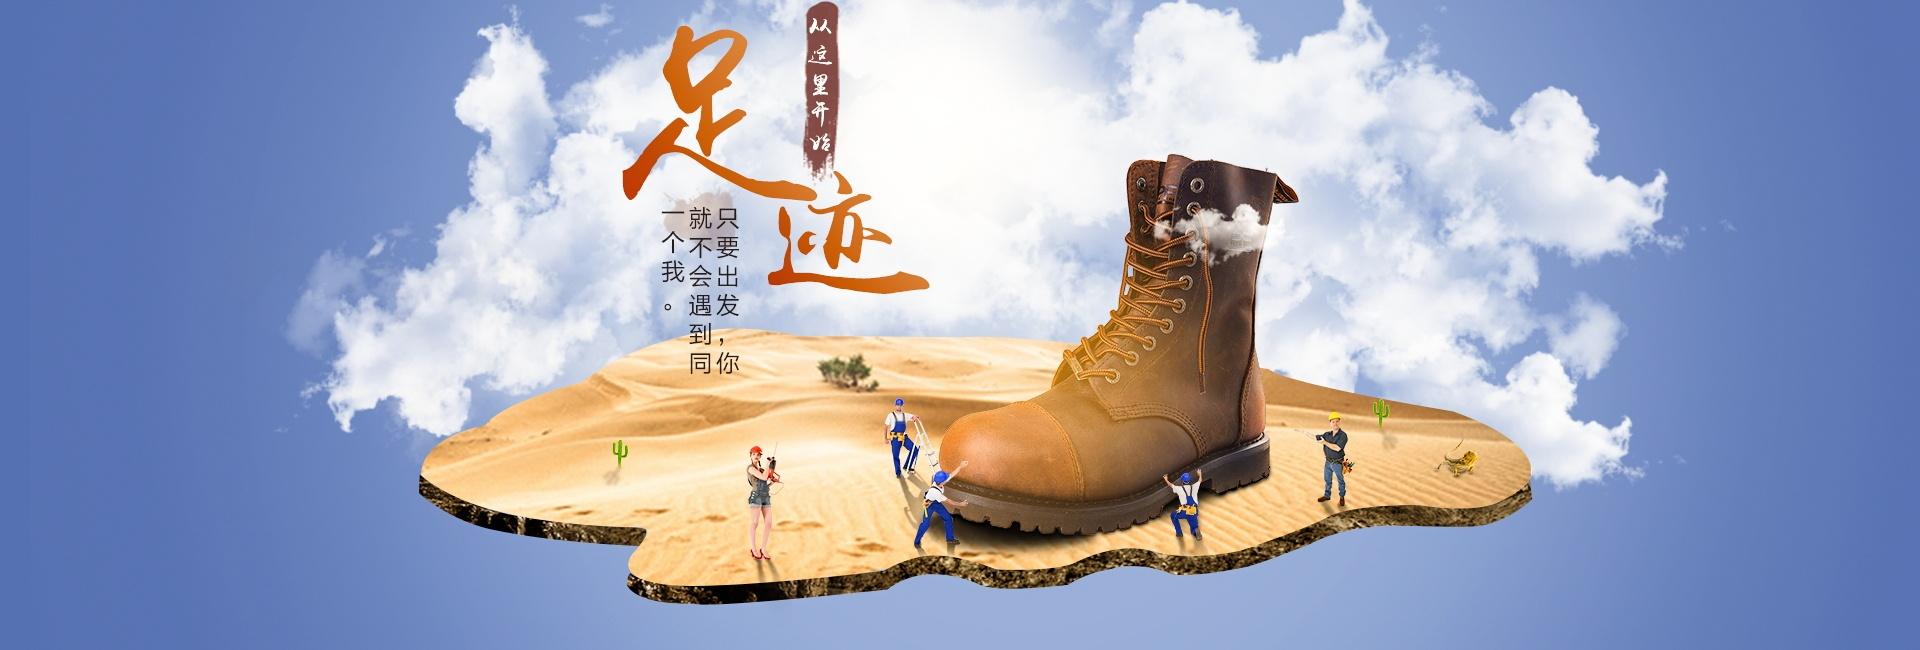 鞋子海报|网页|banner/广告图|老罗爱设计 - 原创作品